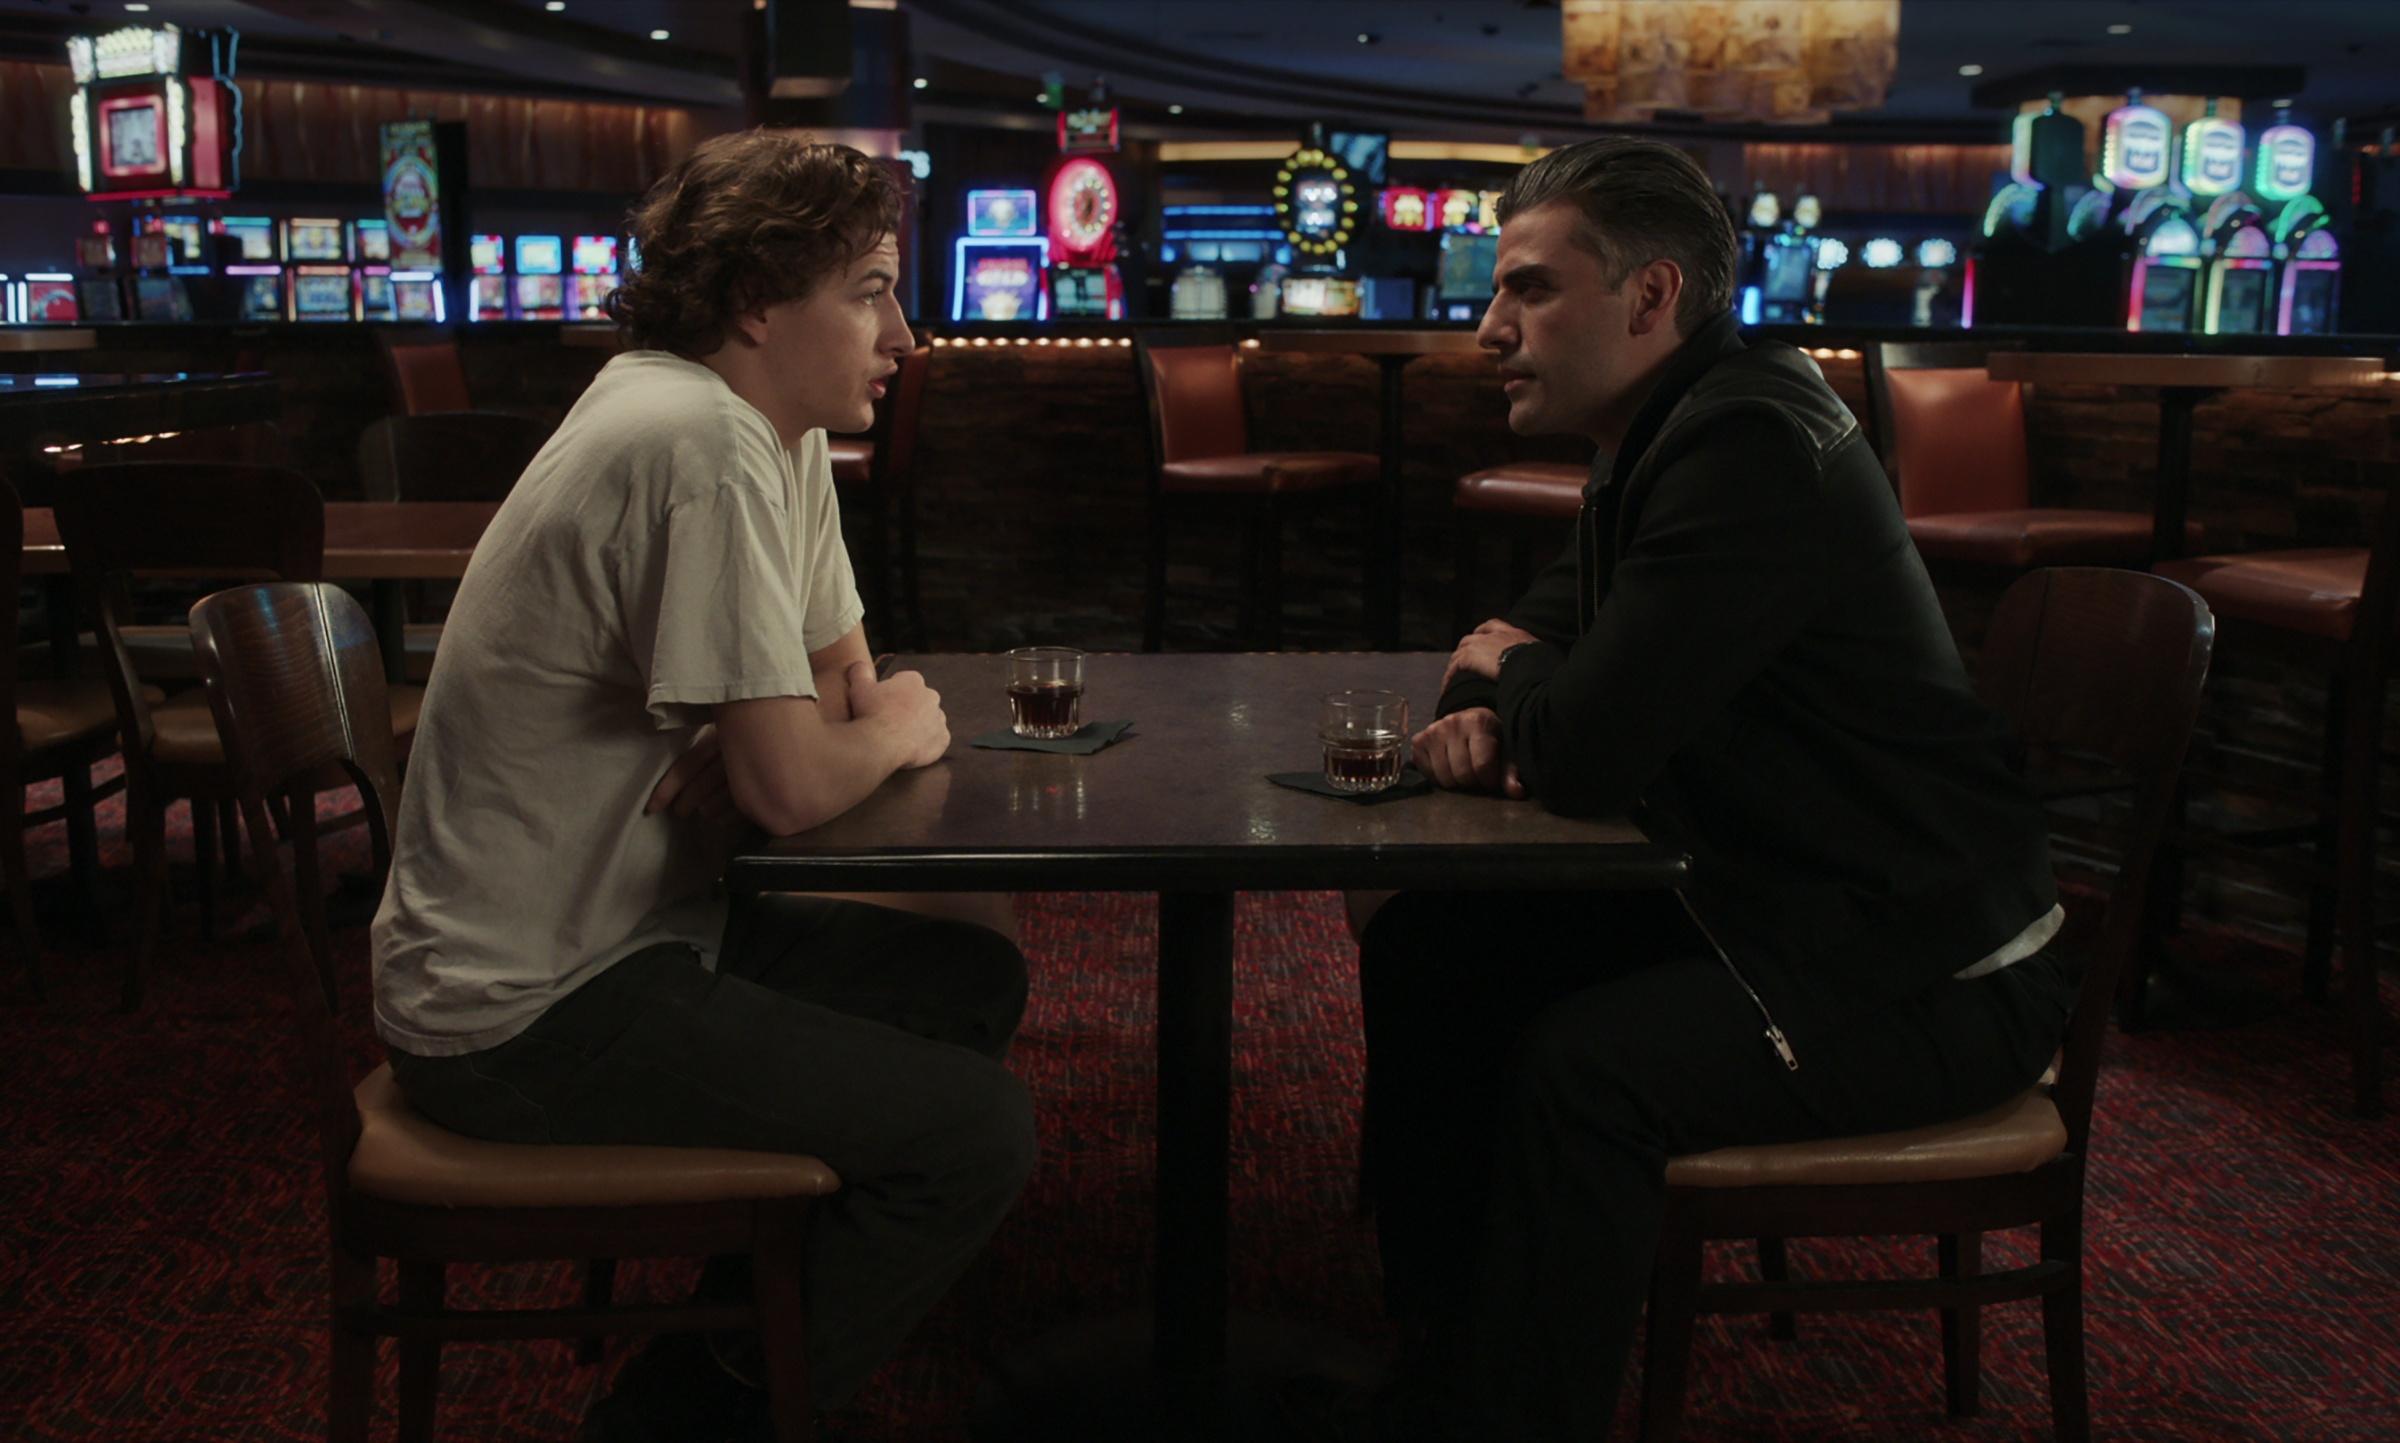 Il collezionista di carte recensione film di Paul Schrader con Oscar Isaac